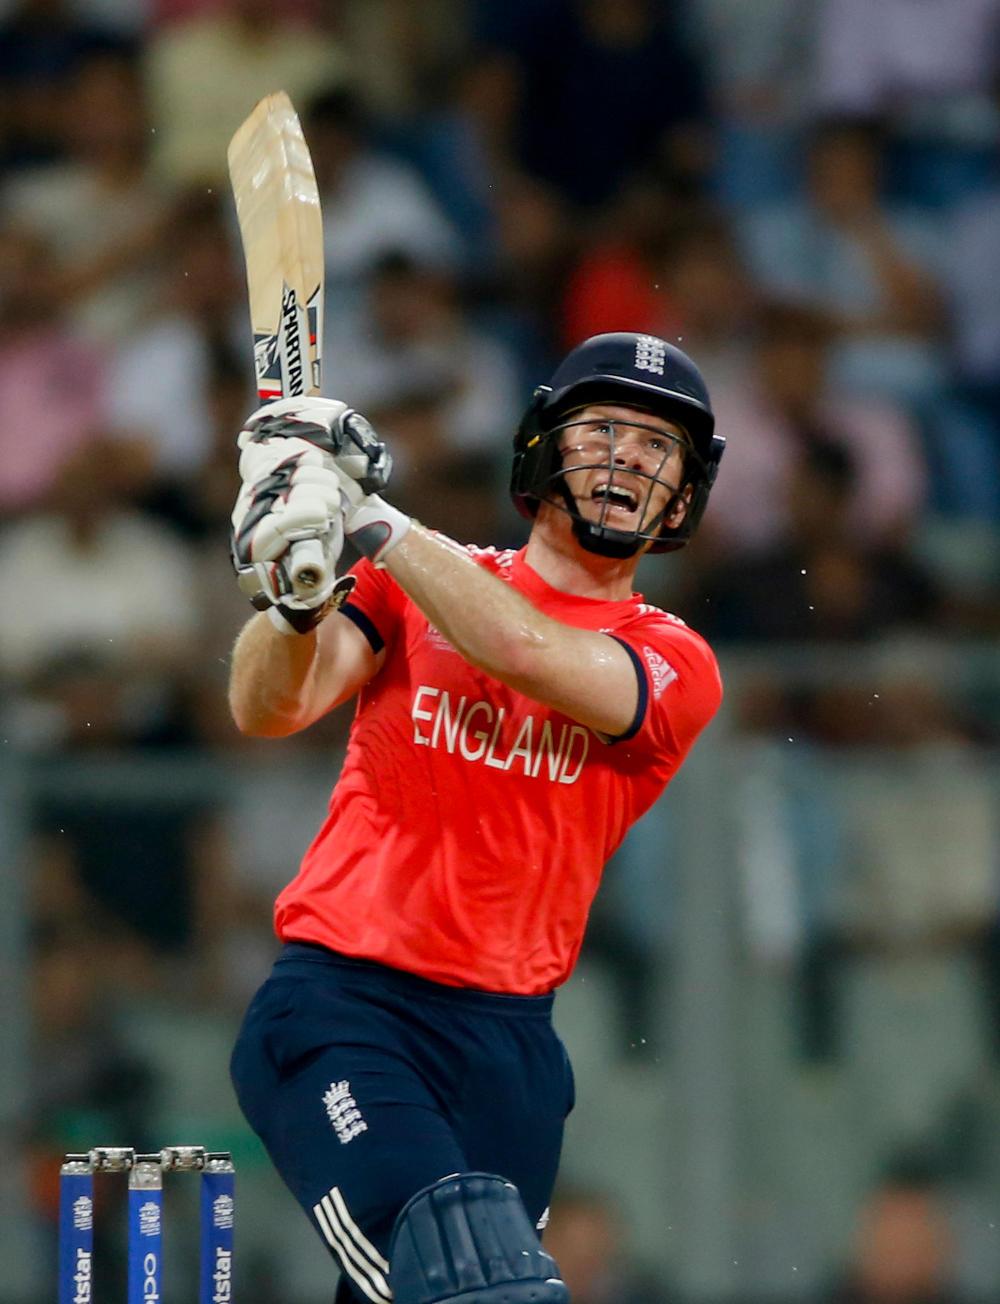 England's captain Eoin Morgan bats